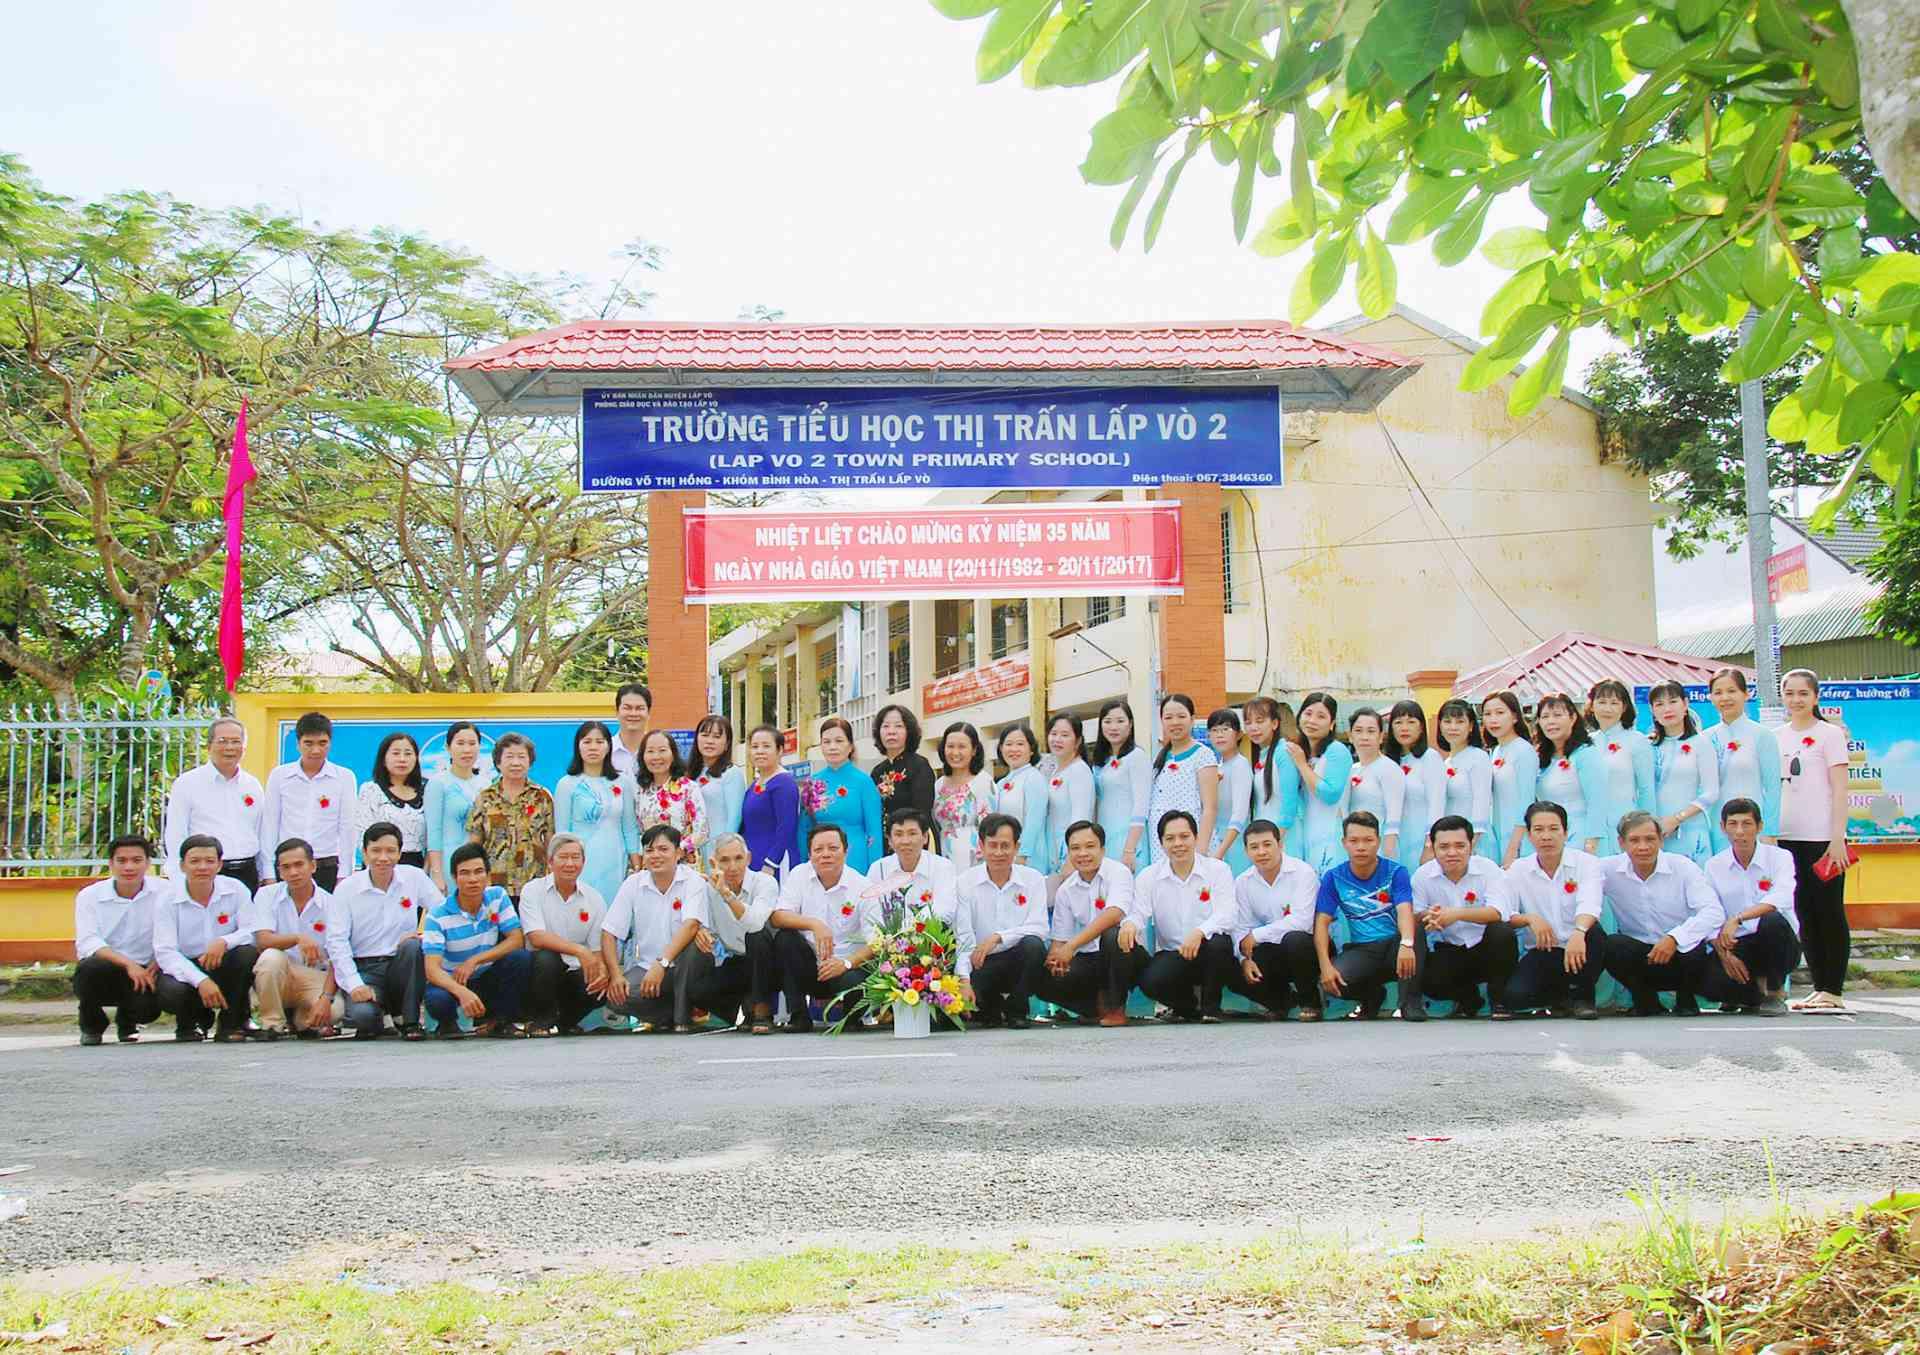 Trường Tiểu học Thị trấn Lấp Vò 2